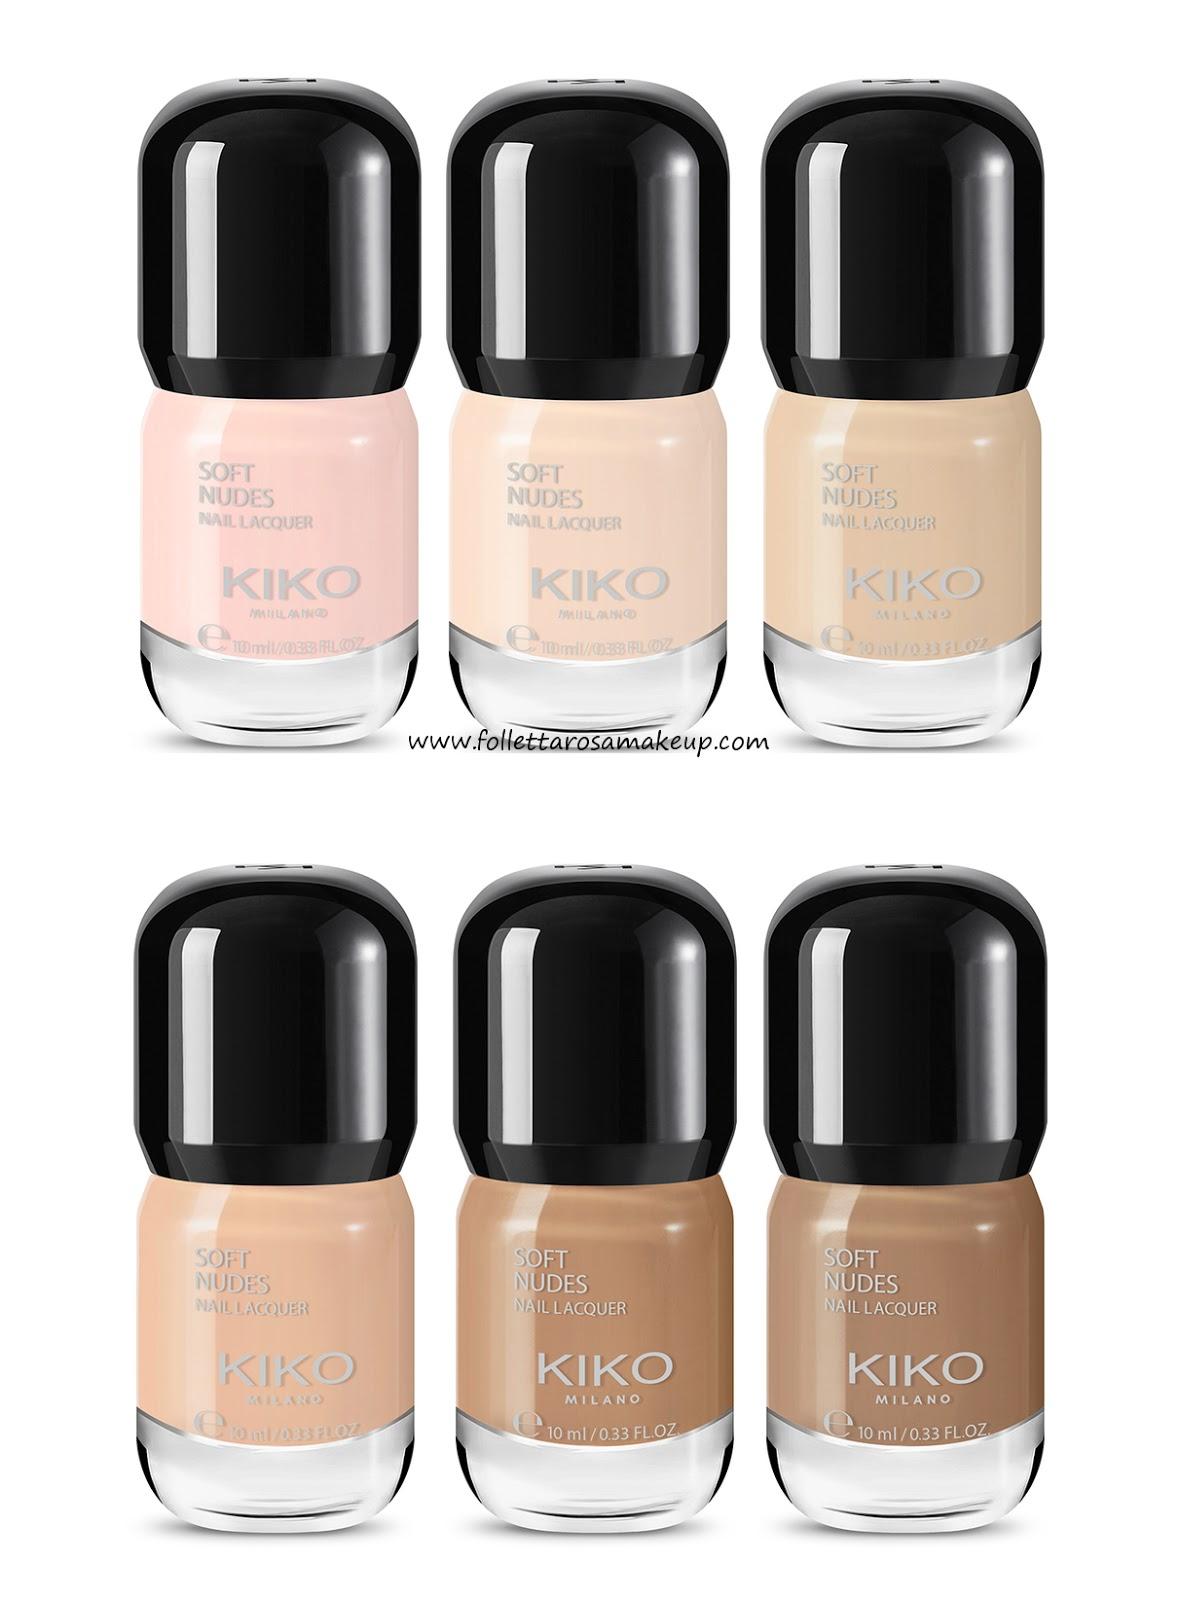 kiko-soft-nudes